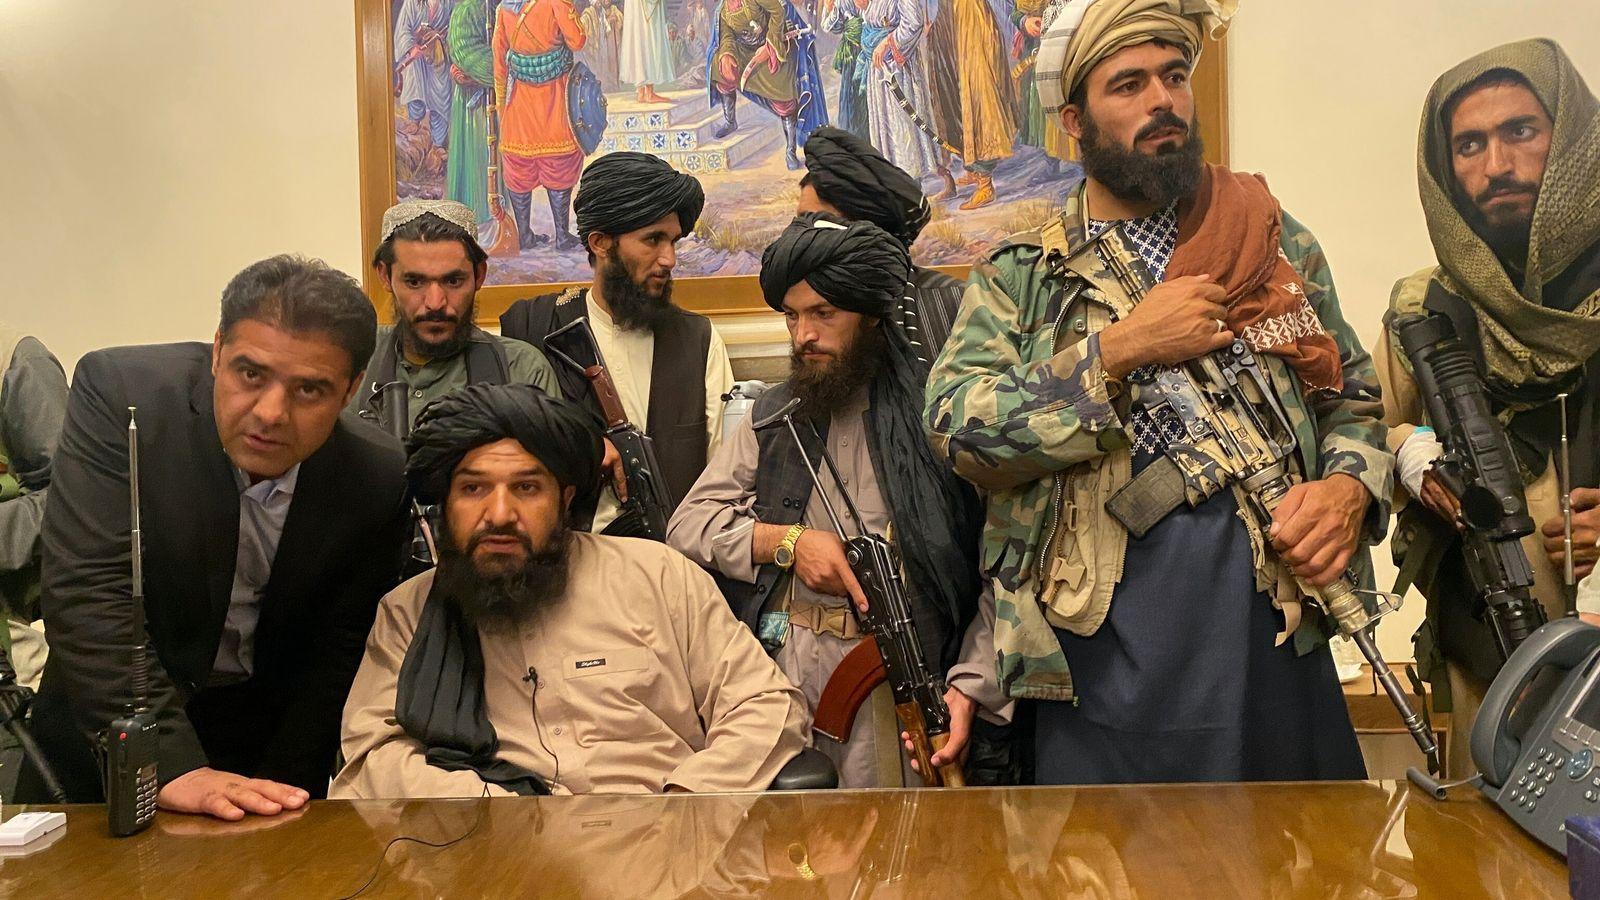 Combatentes talibãs tomam controle do palácio presidencial afegão